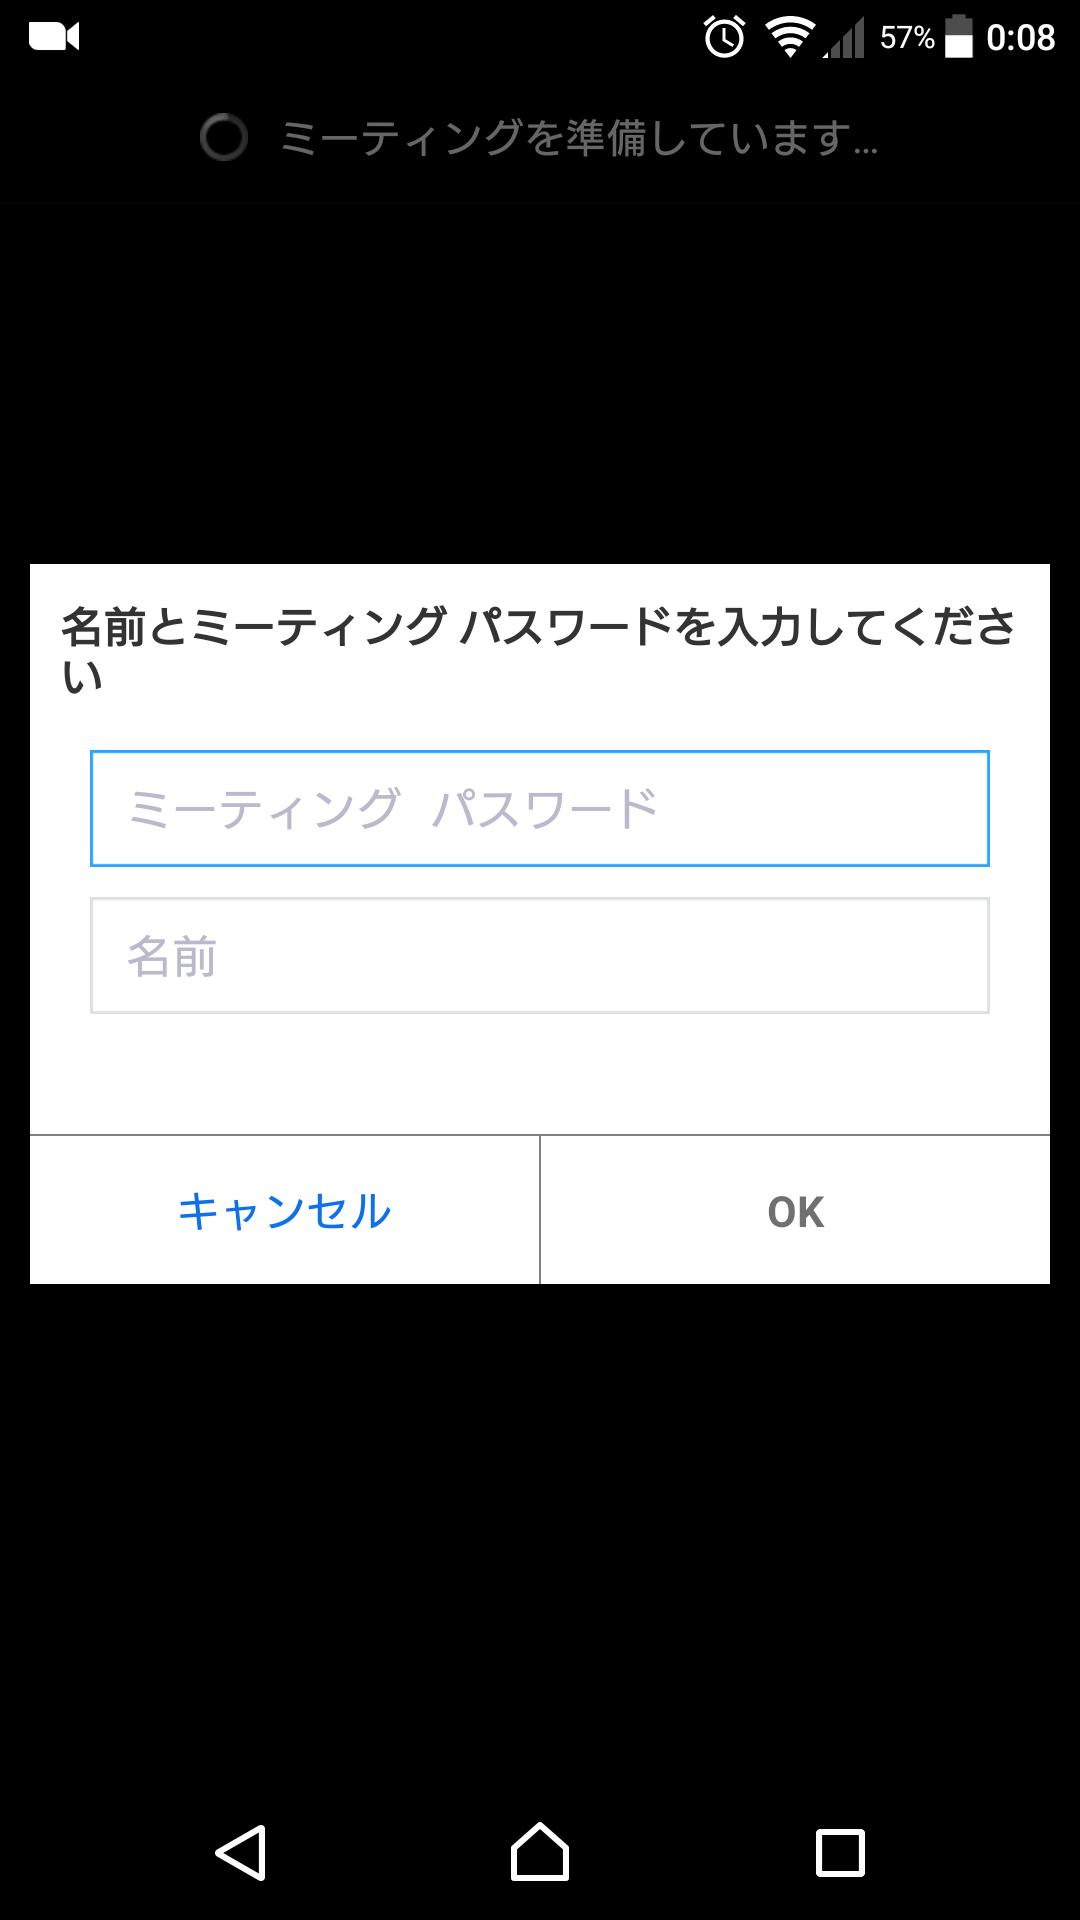 """招待メールの""""ミーティングに参加する""""の下にあるリンクをクリックするとこの画面がでてきます。招待メールの下部にあるパスワードを入力し、お申込名を入力してください。"""